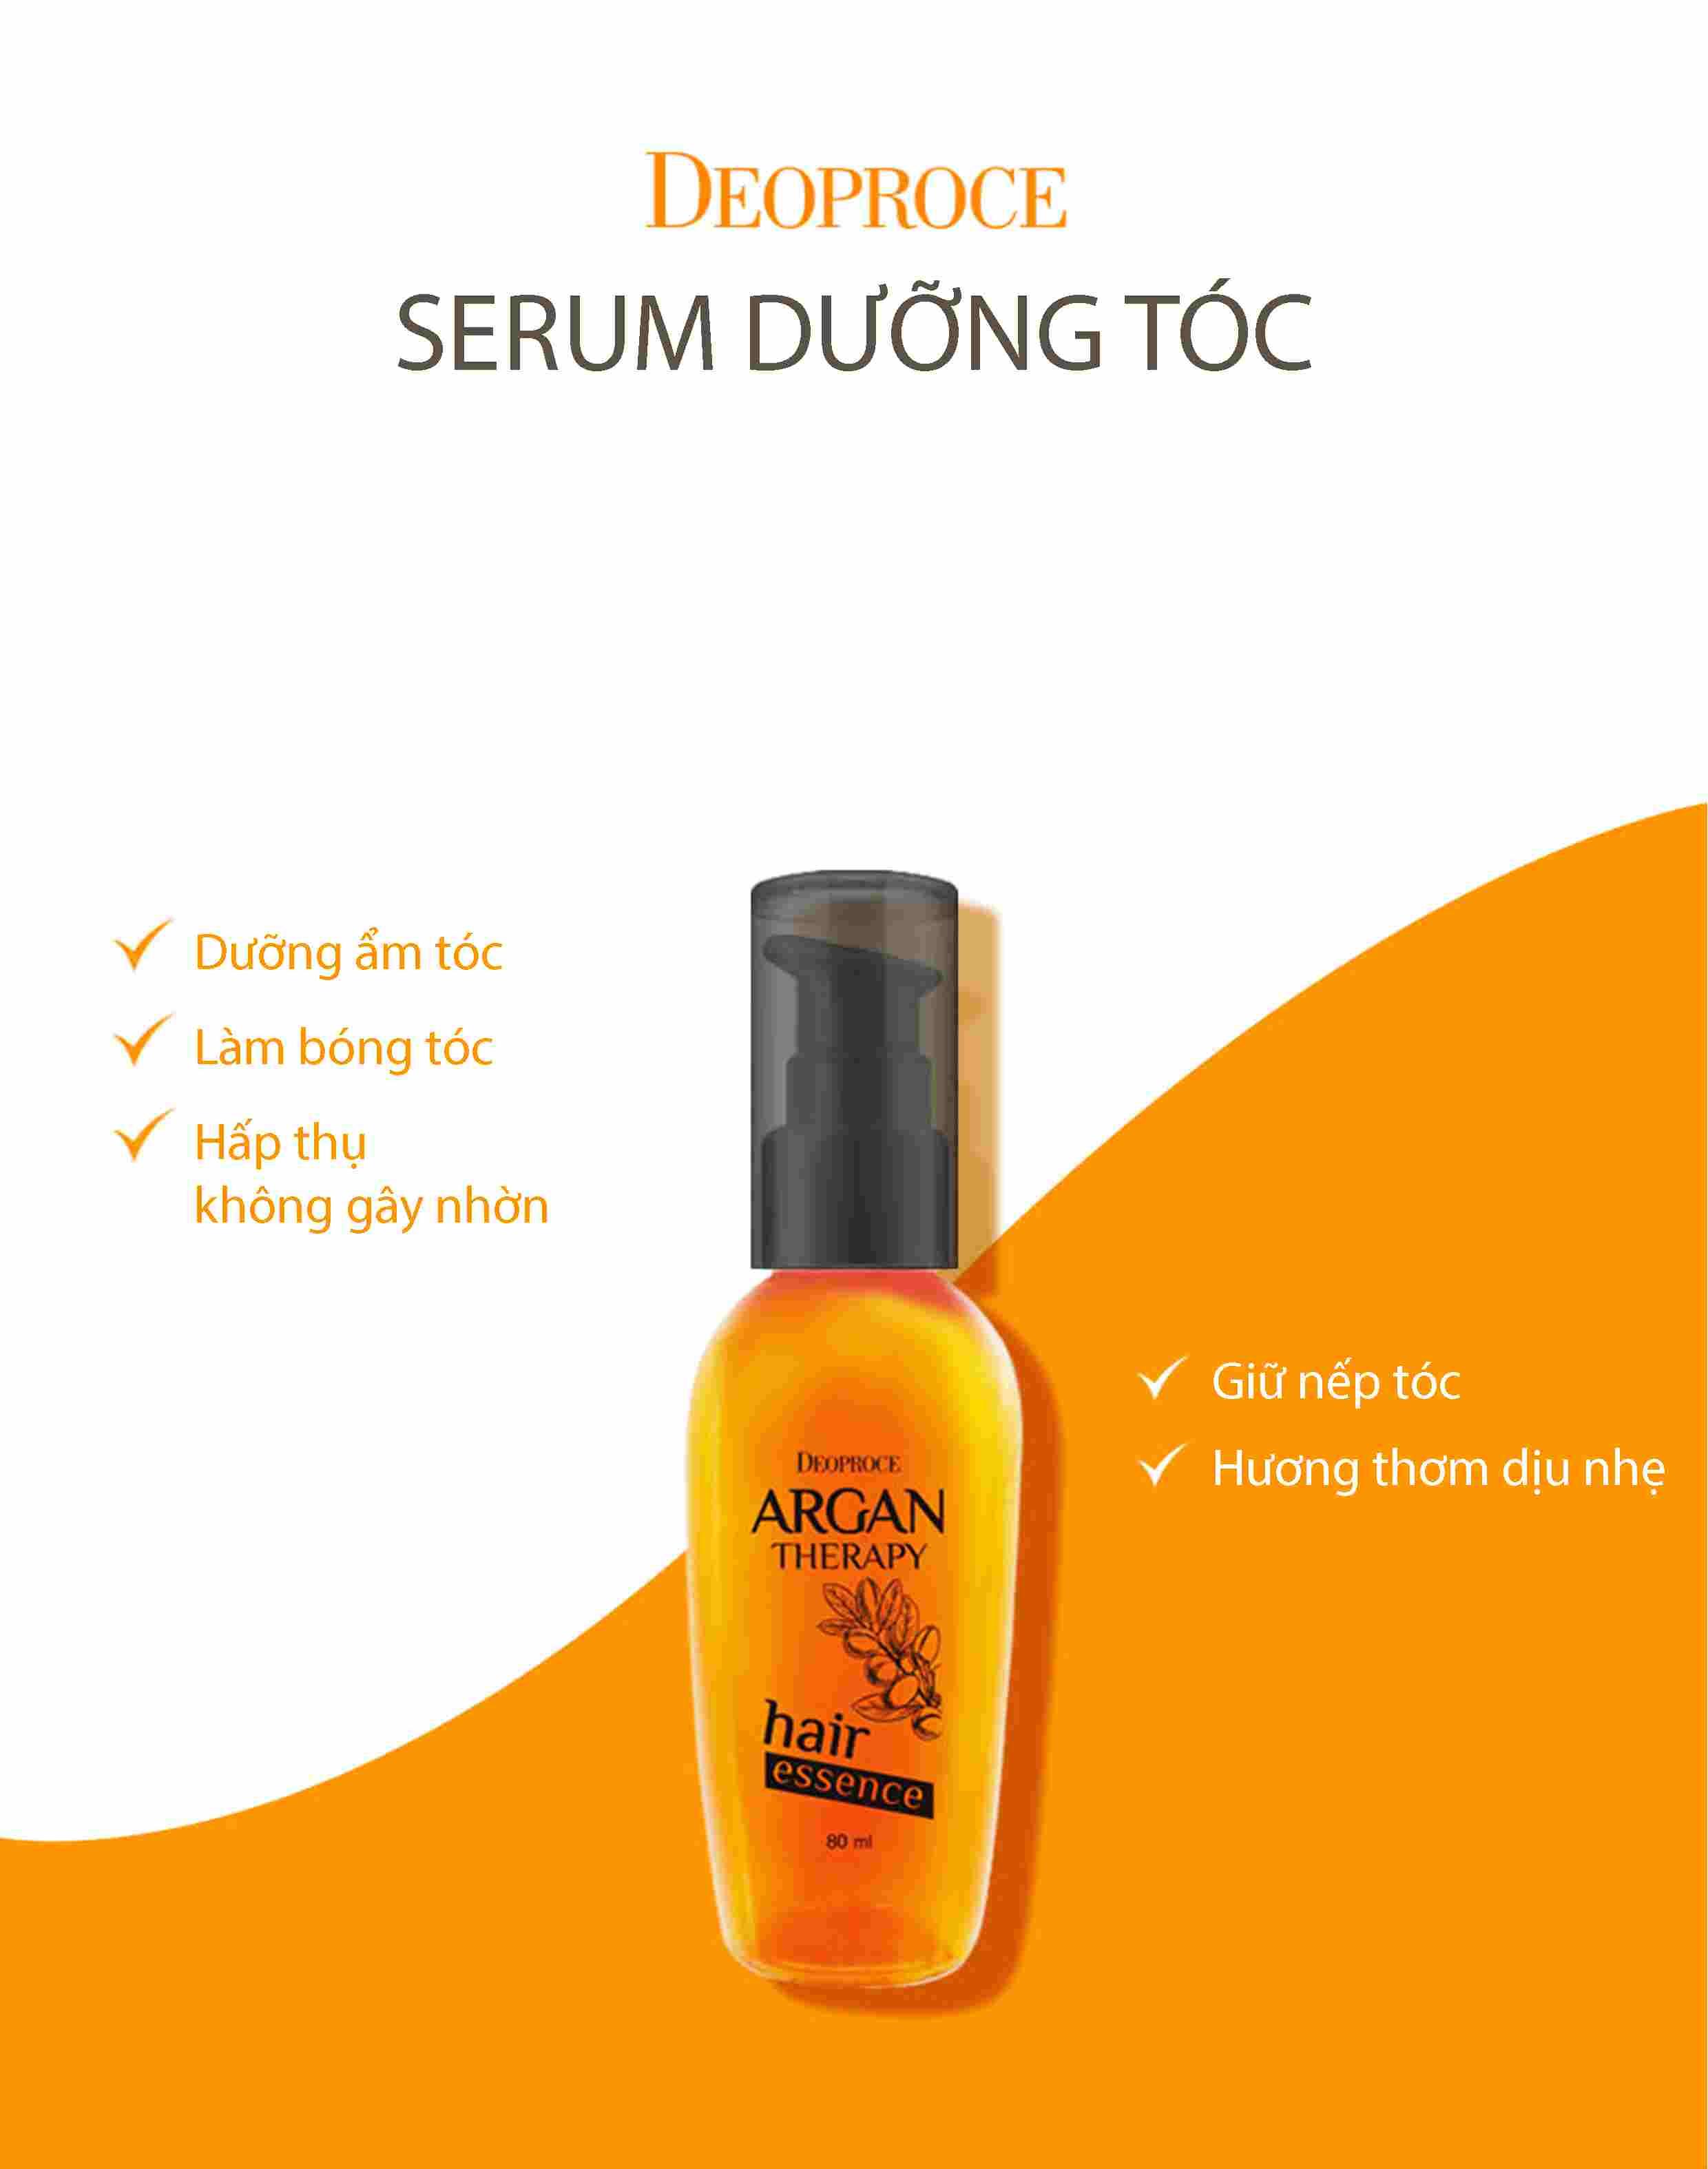 Tinh dầu dưỡng tóc Deoproce Argan Therapy Hair Essence 80ml phục hồi tóc hư tổn